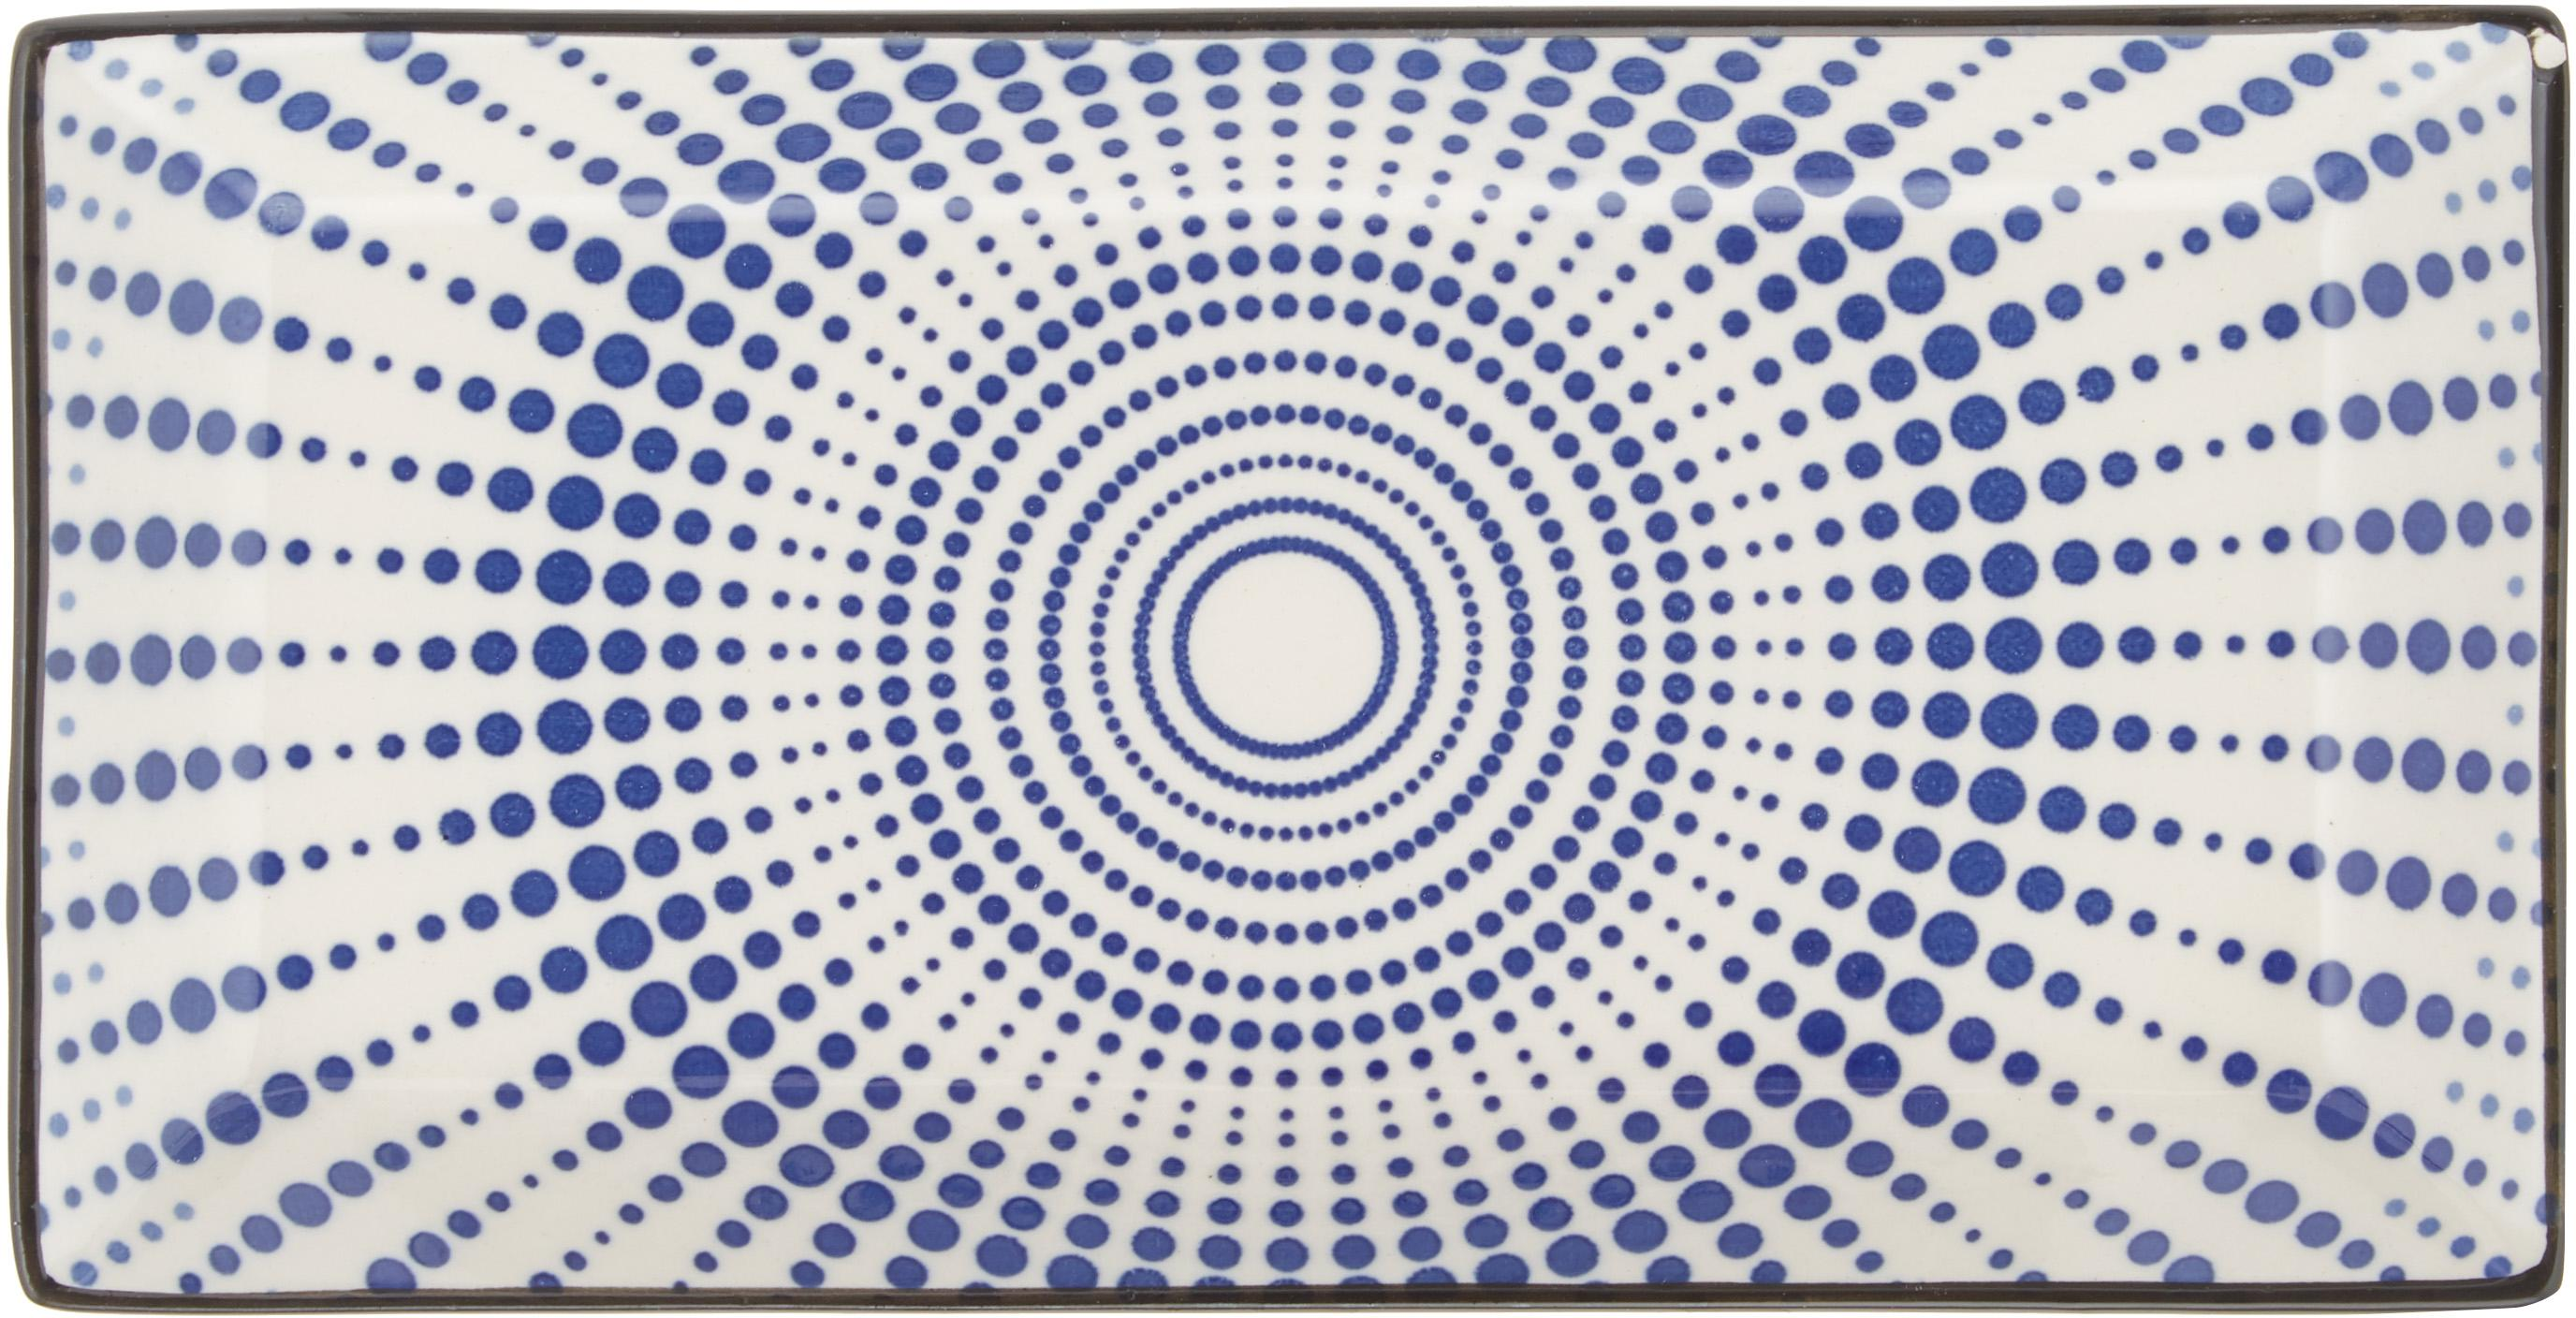 Servizio piatti con motivo blu Skiathos, set di 18, Terracotta, Tonalità blu, bianco latteo Bordi: antracite, Diverse dimensioni